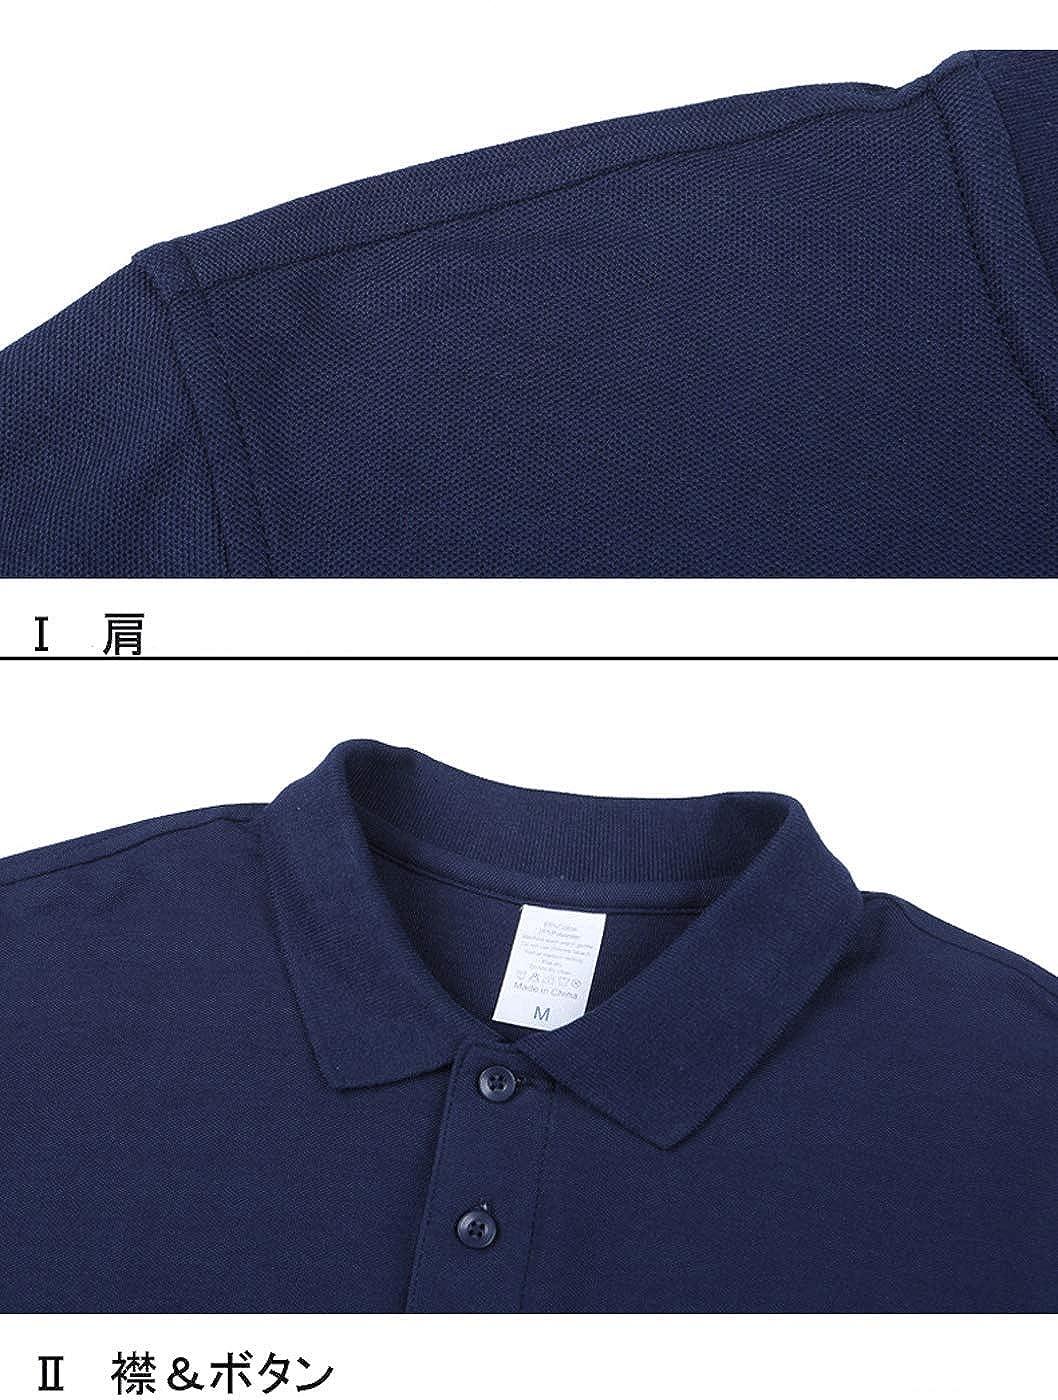 メンズ カジュアル ポロシャツ 無地 UVカット ゴルフウェア ビジネスシャツ スボーツ 半袖 夏服 吸汗速乾